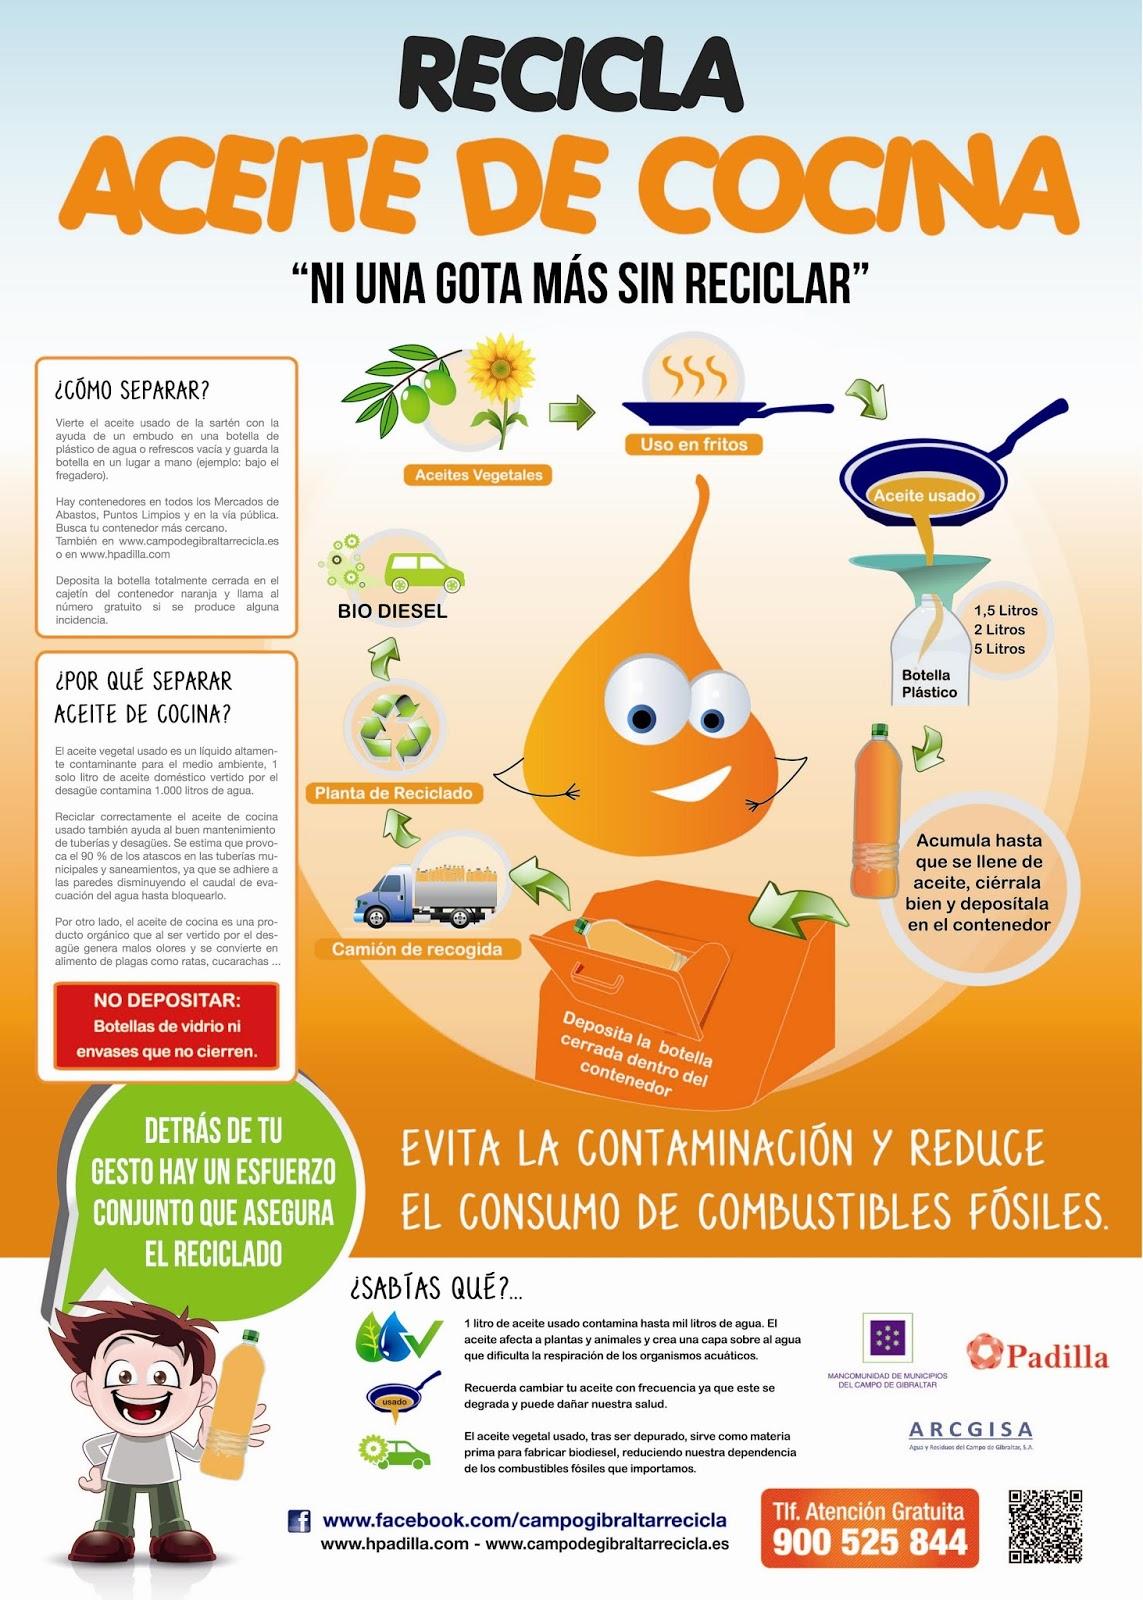 Ekologia eta birziklapena for Reciclar aceite de cocina